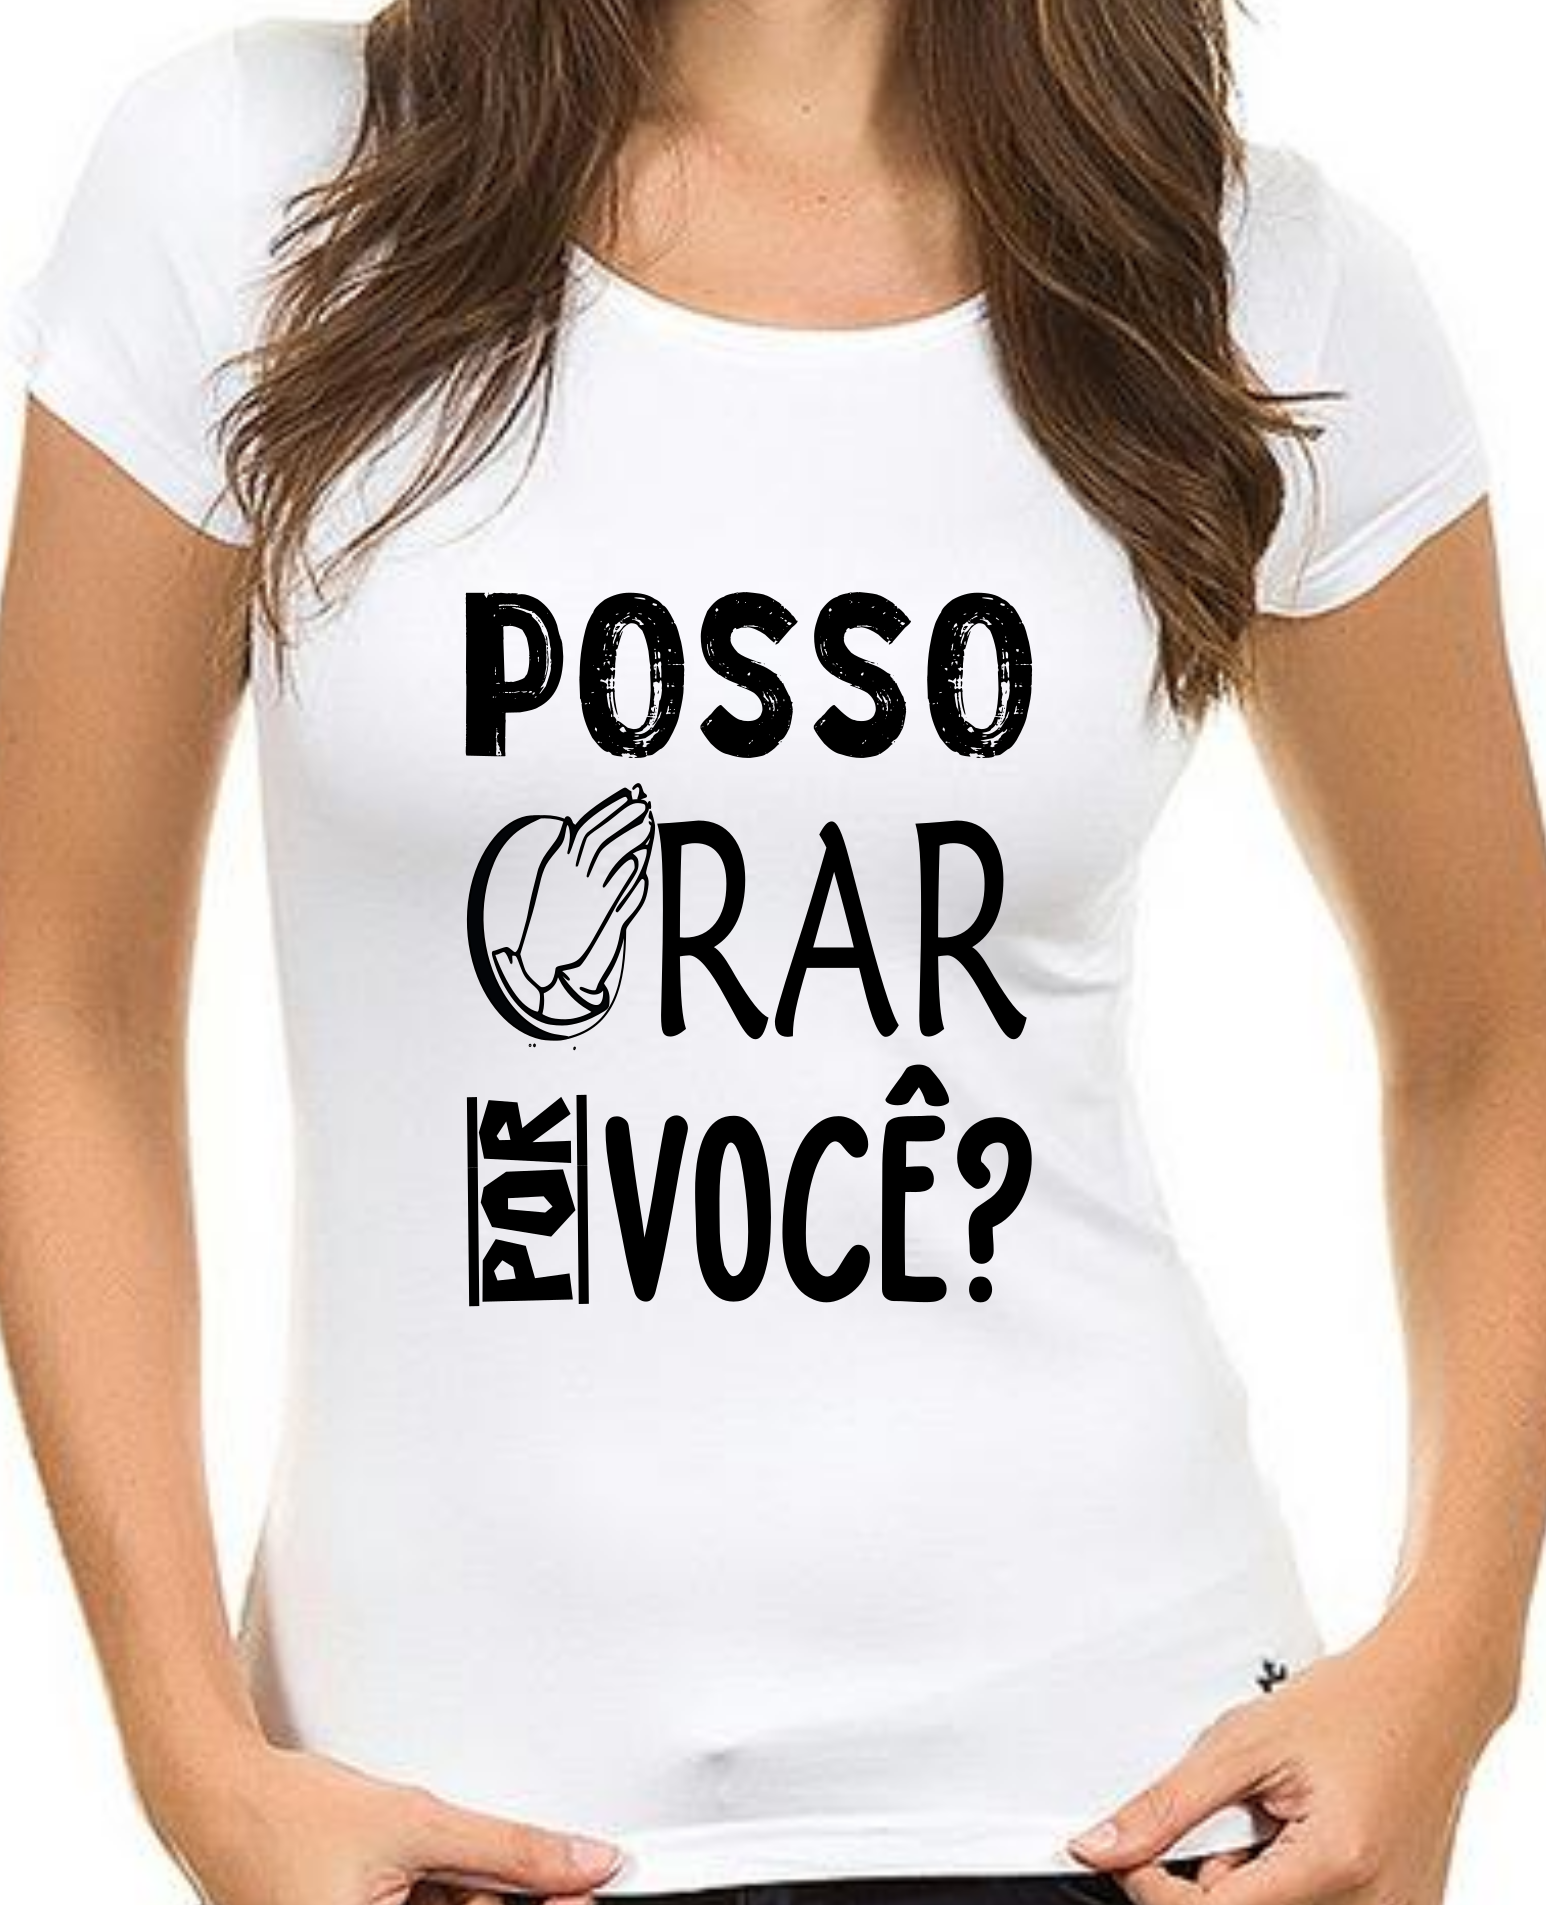 b530f36d4 Camiseta Evangélica Posso Orar Por Você